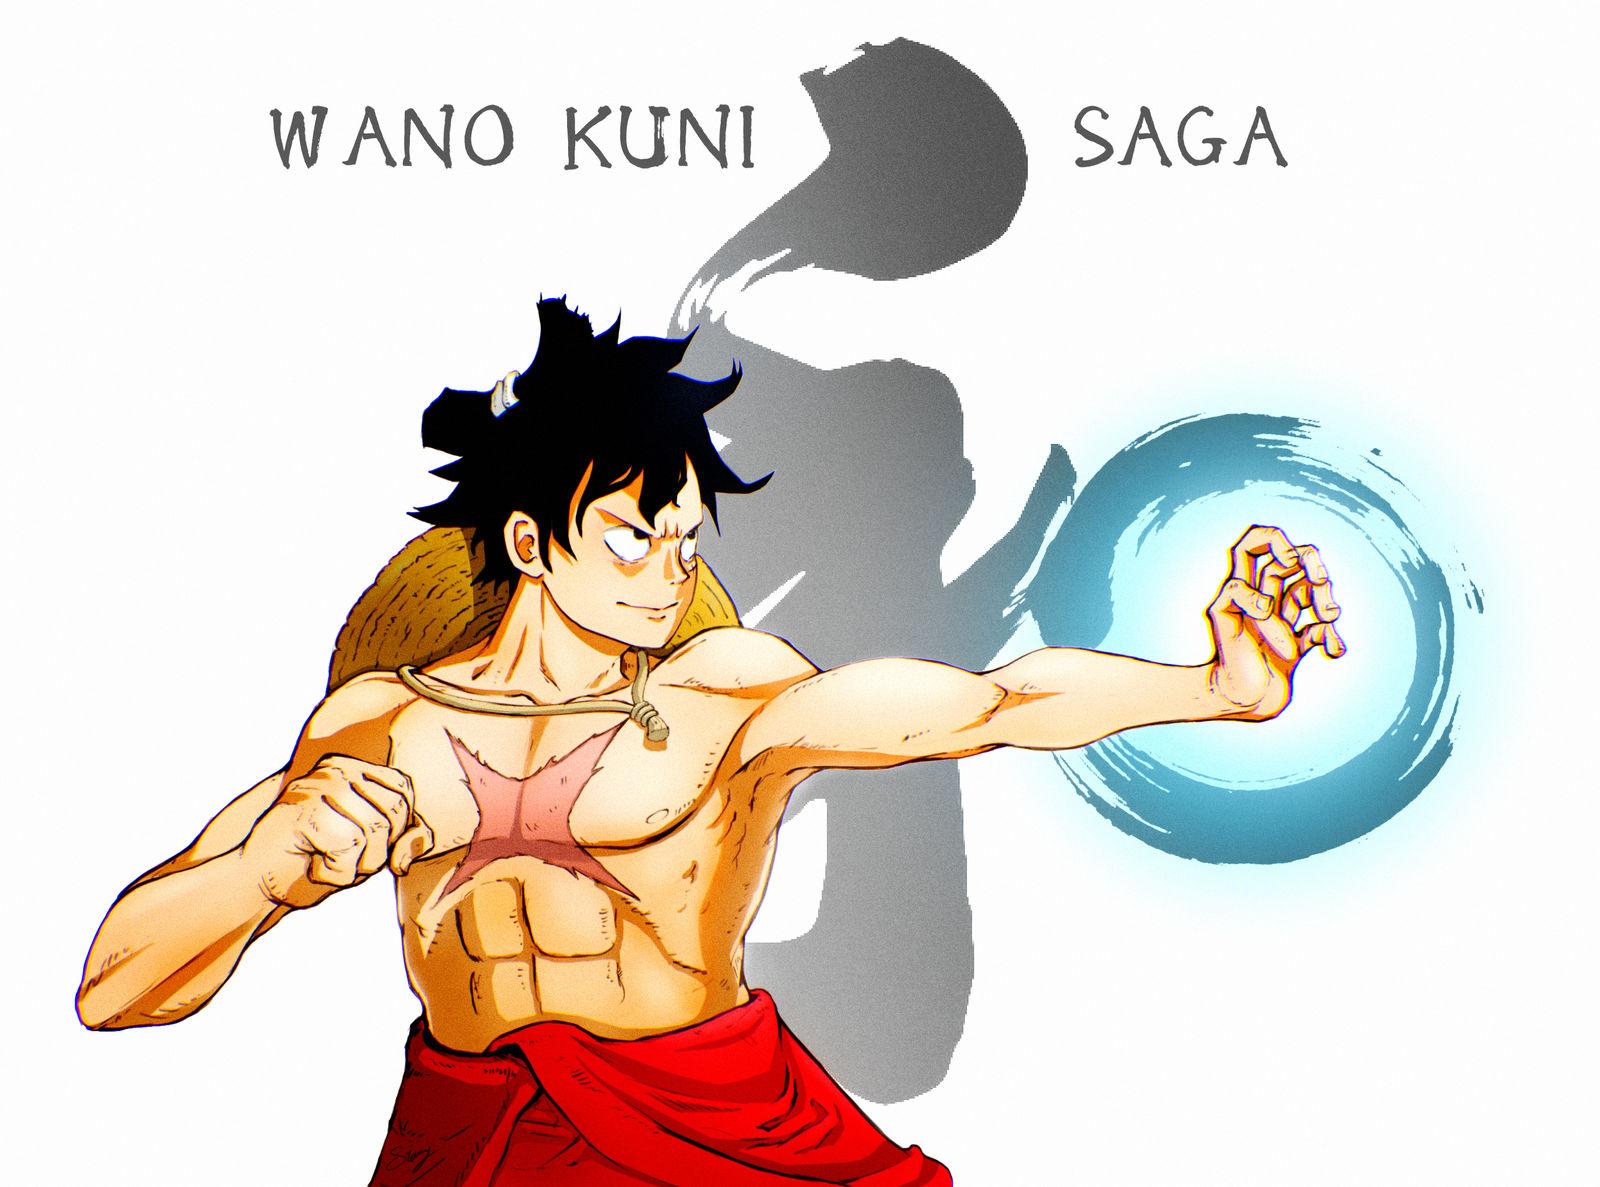 Wano Kuni Luffy By Frontstabb3r On Deviantart